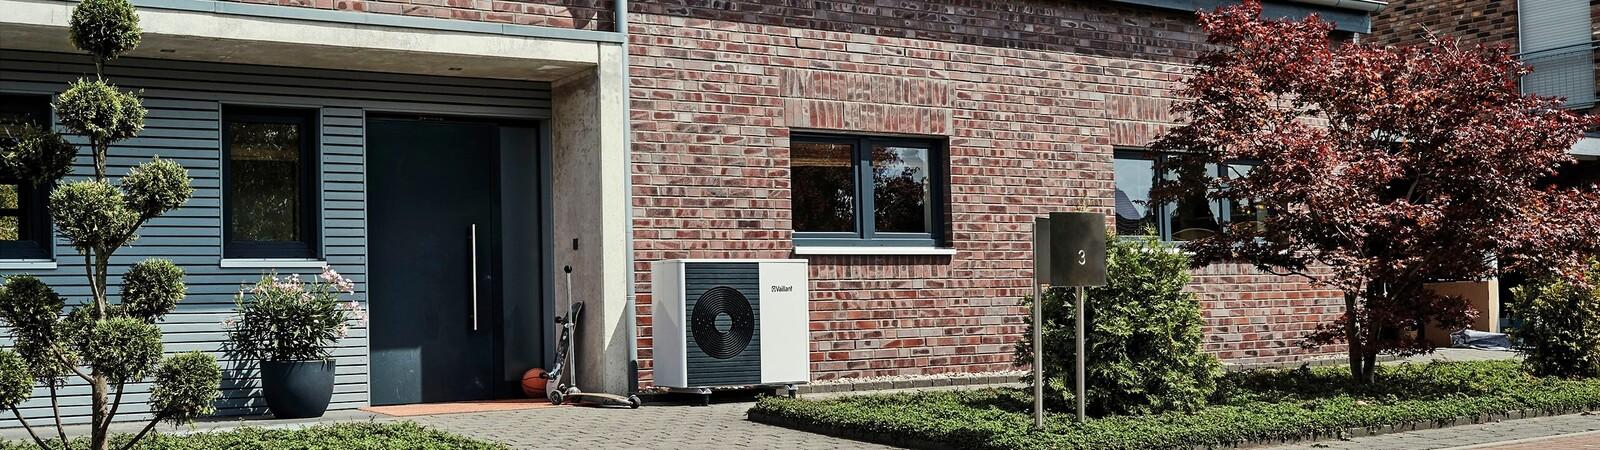 Unidad exterior de bomba de calor aroTHERM split en el exterior de un edificio